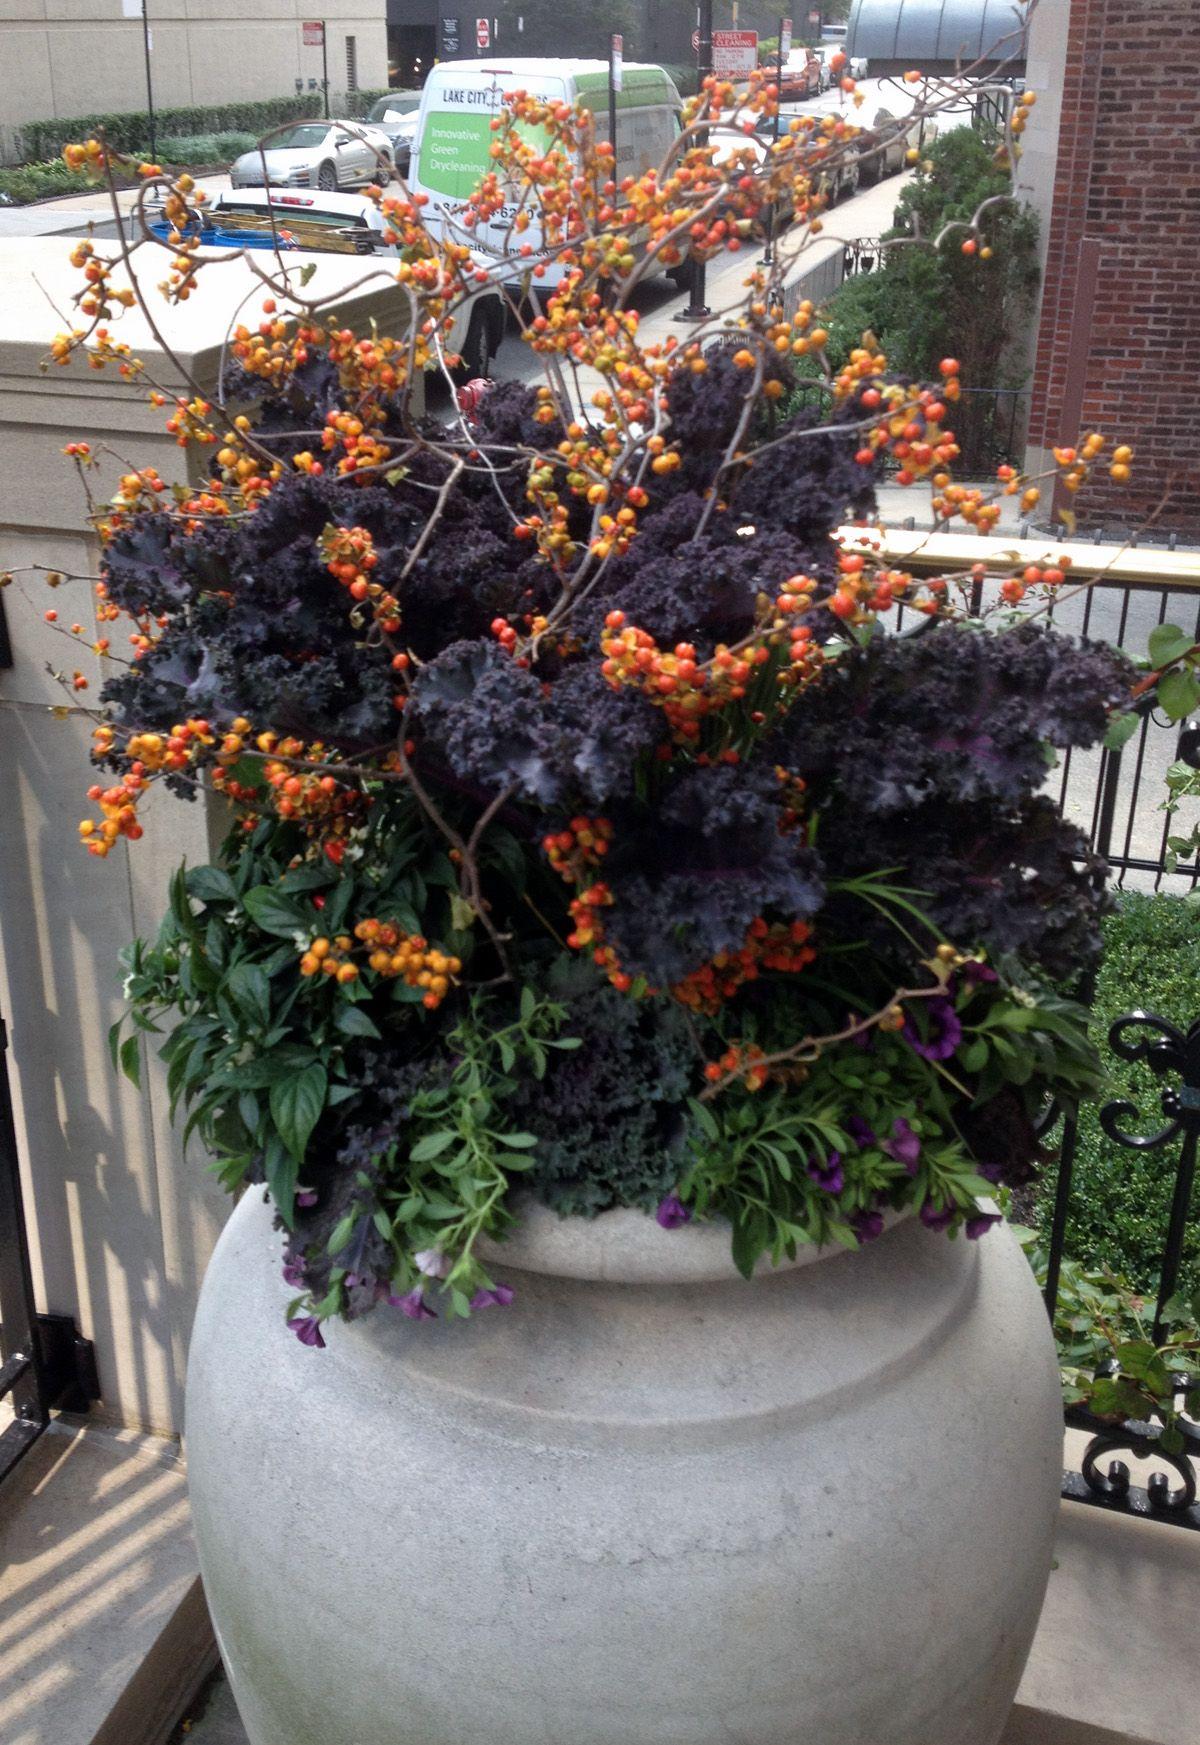 Fall planter container bittersweet kale calibrachoa urban garden Fallen Container GartenHerbst